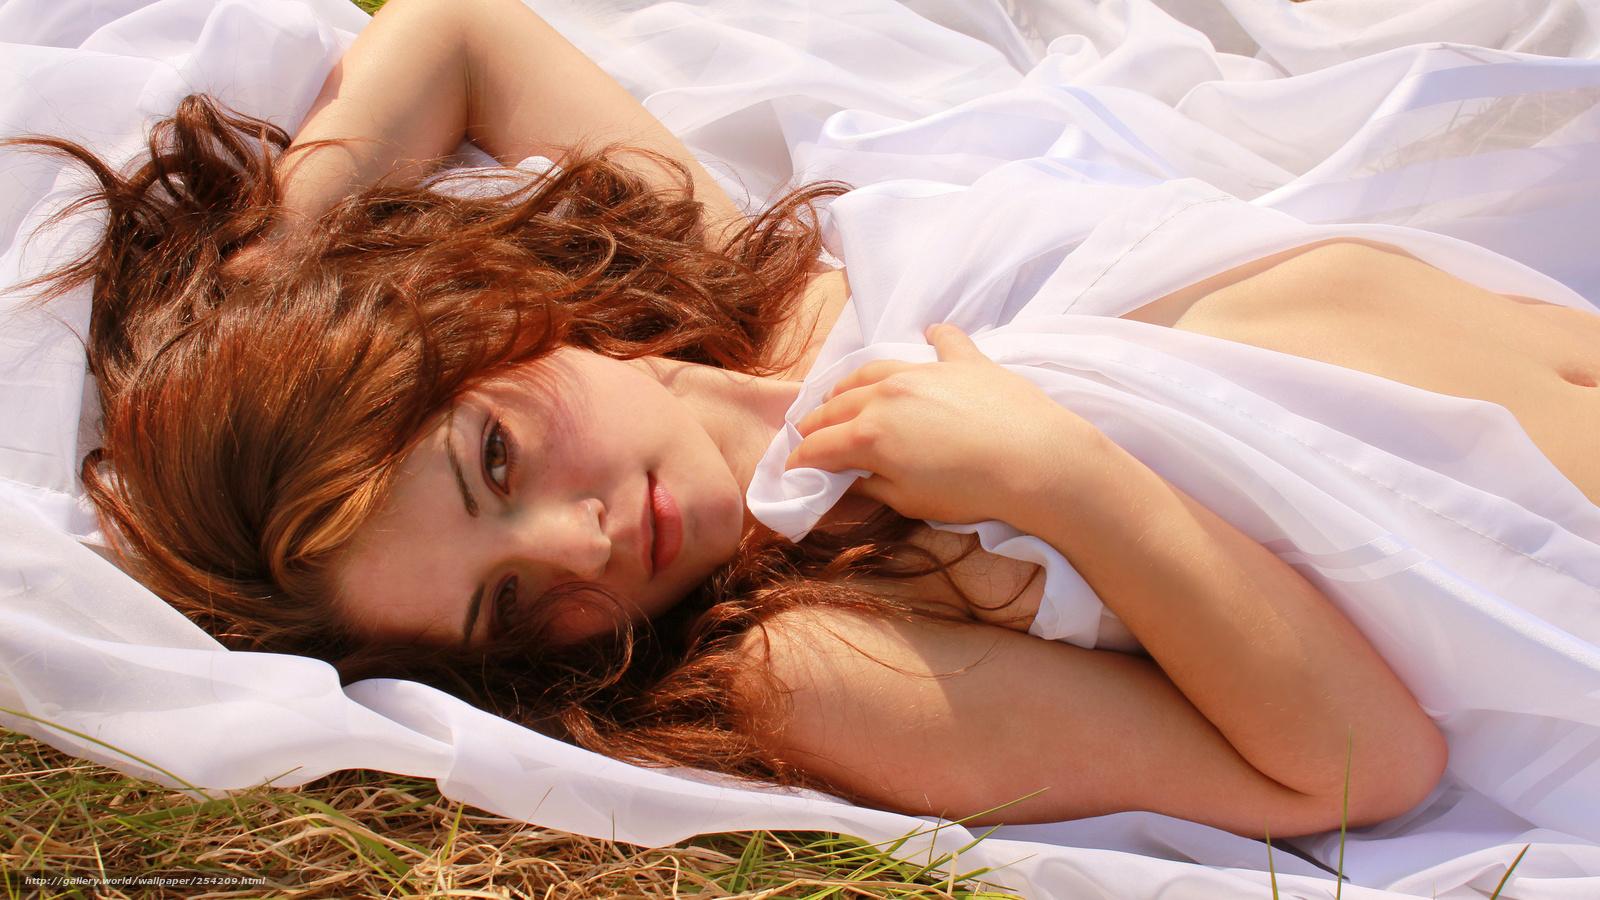 Фотки одиноких девушек красивых рыжих 24 фотография